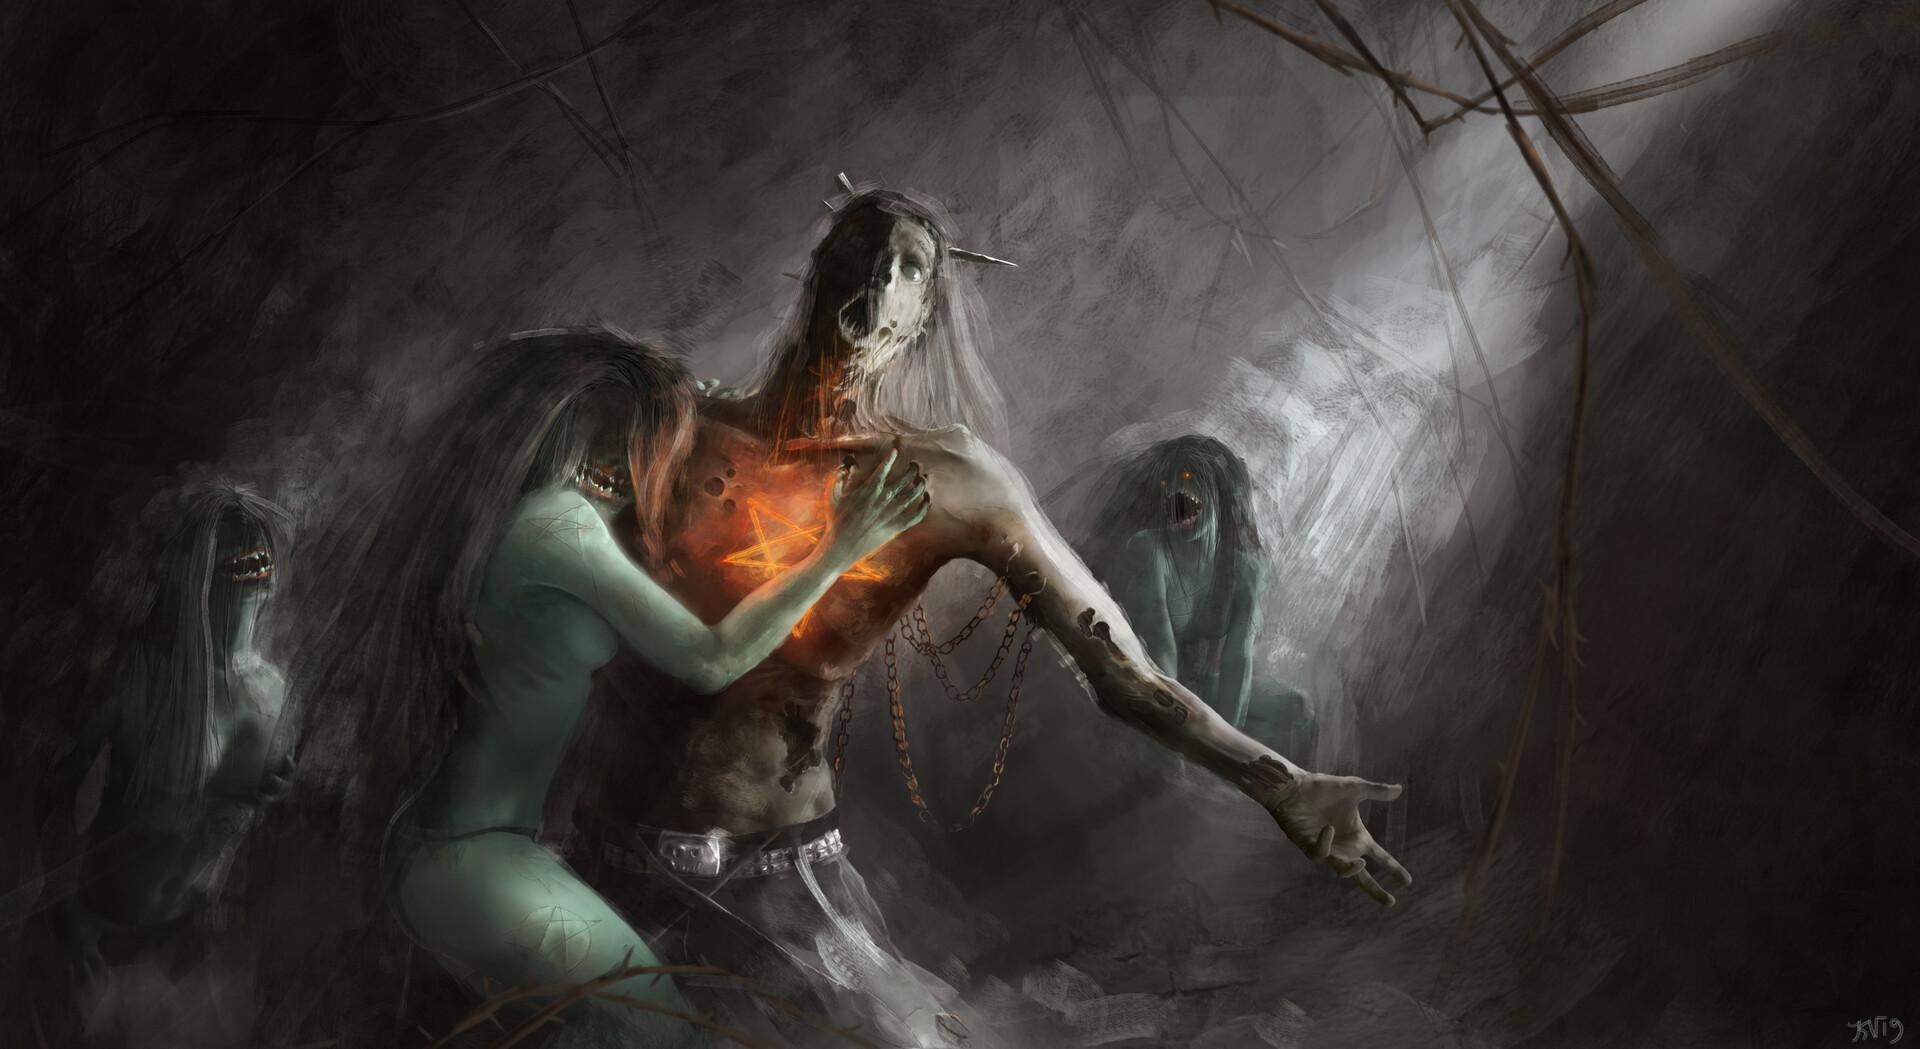 Konstantin vohwinkel demons 7